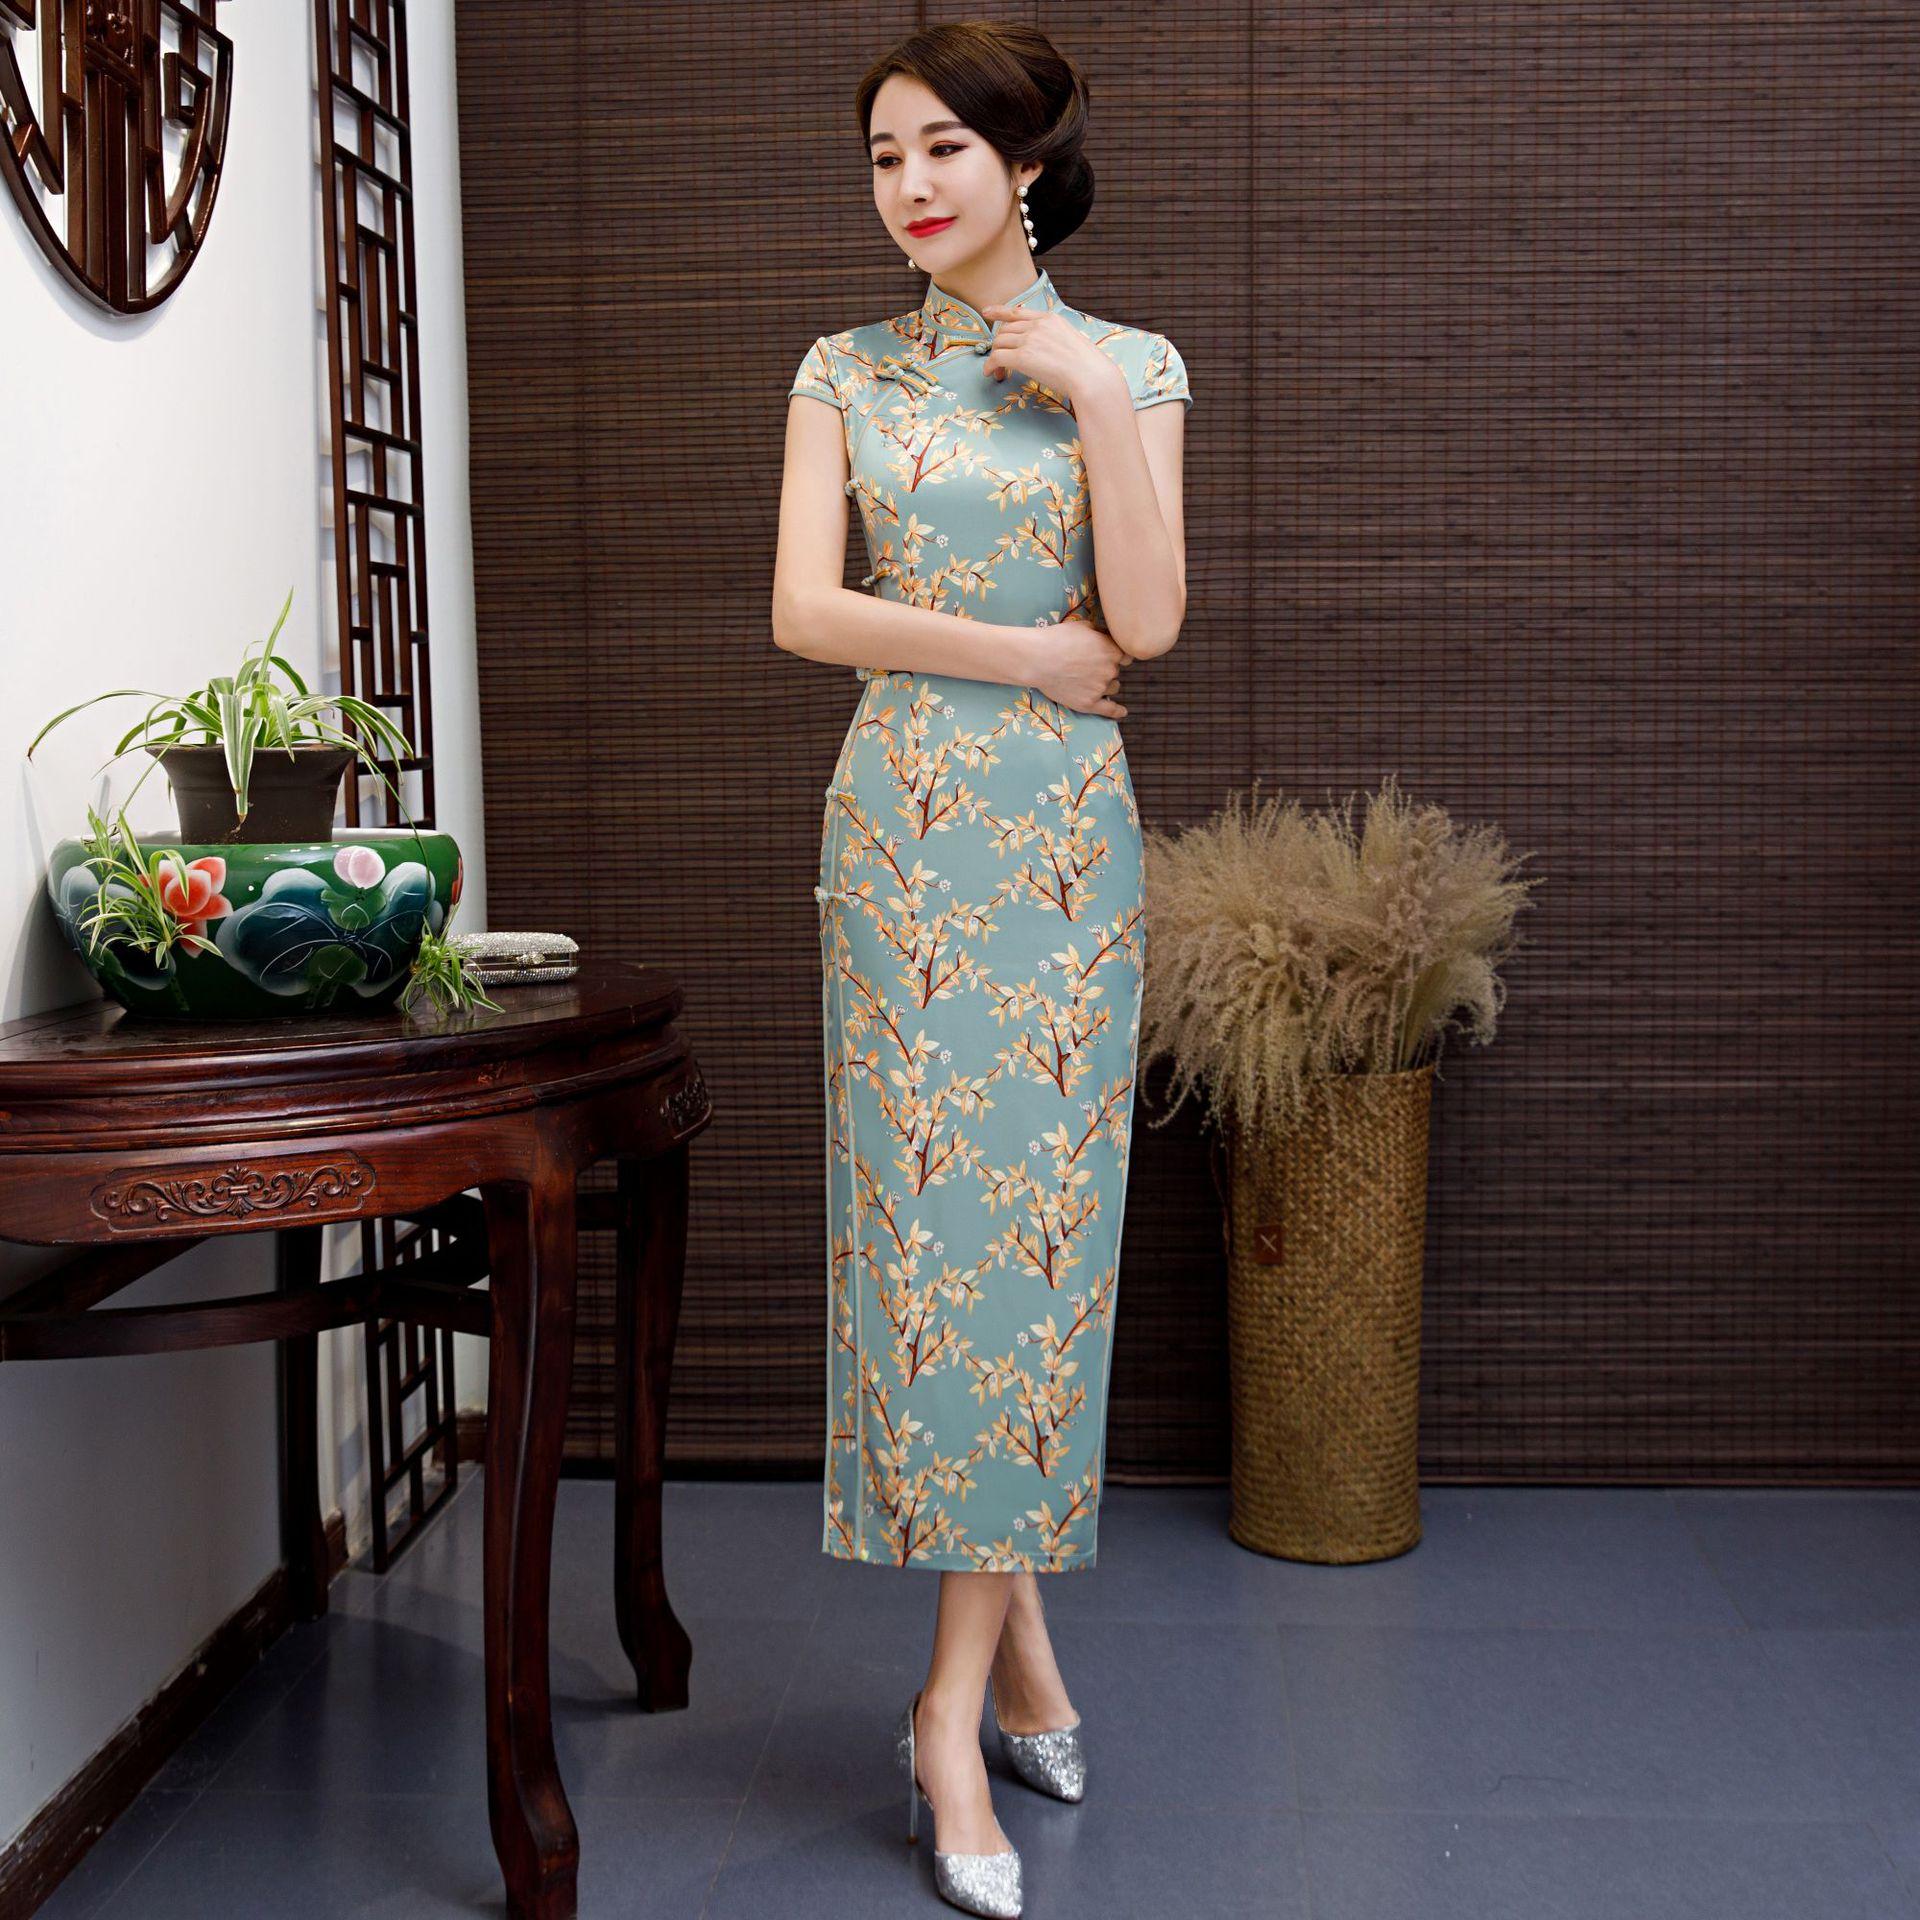 Bleu chinois robe traditionnelle femmes soie Satin Cheongsam Vintage Qipao été à manches courtes robe longue imprimé fleur grande taille